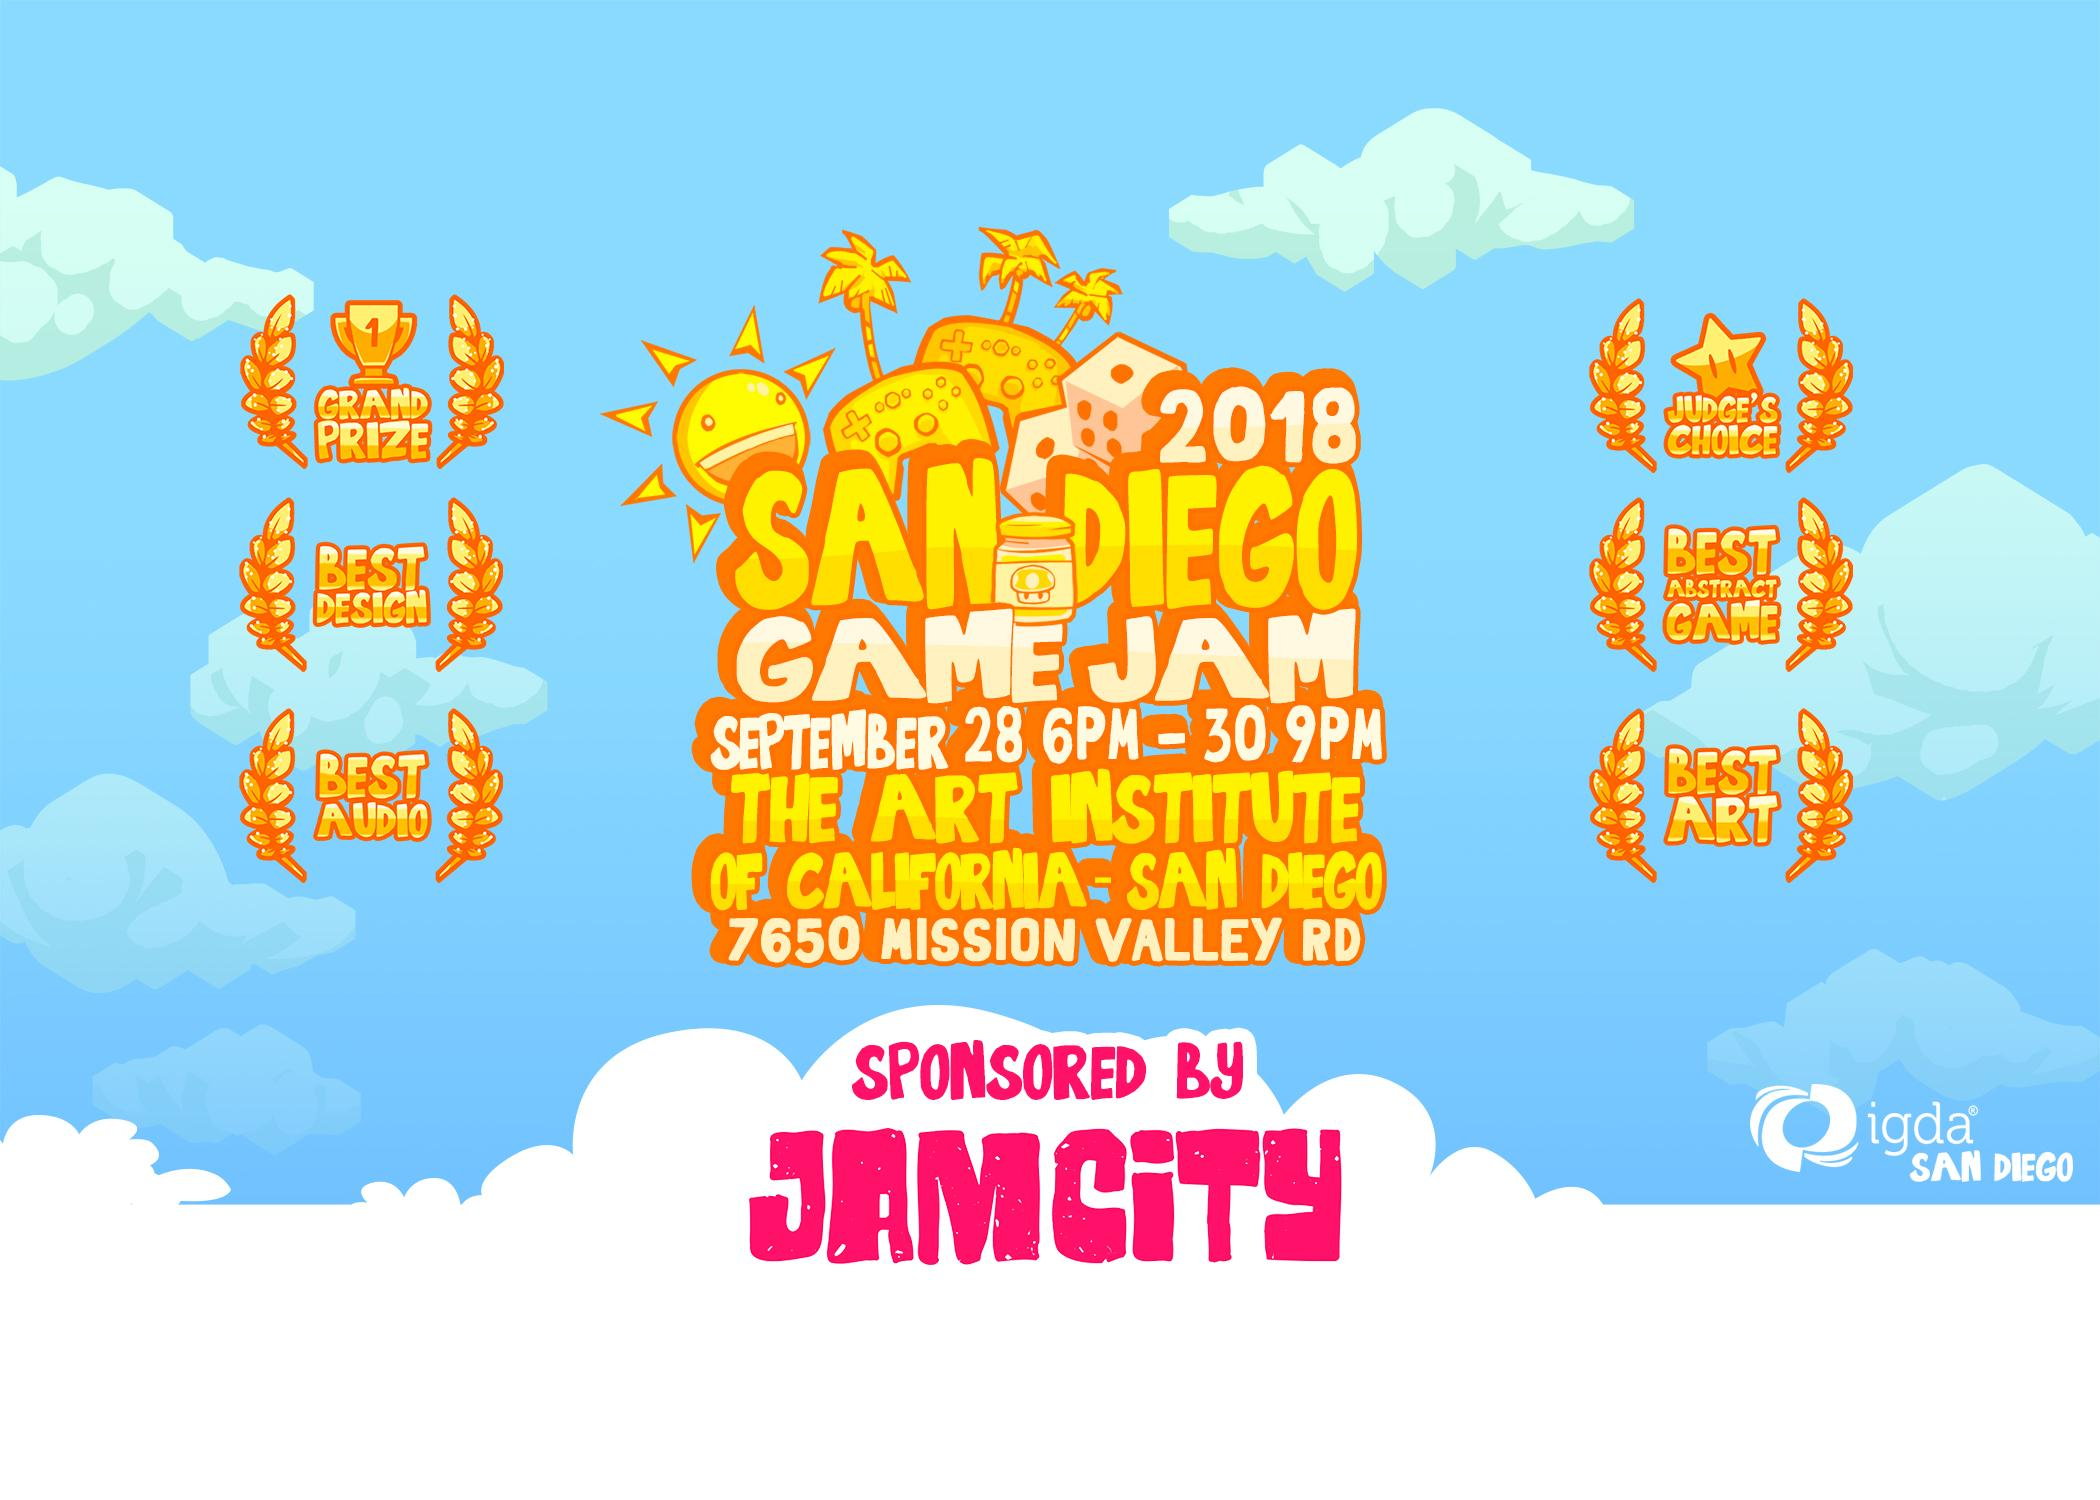 IGDA San Diego Game Jam Itchio - The art institute game design